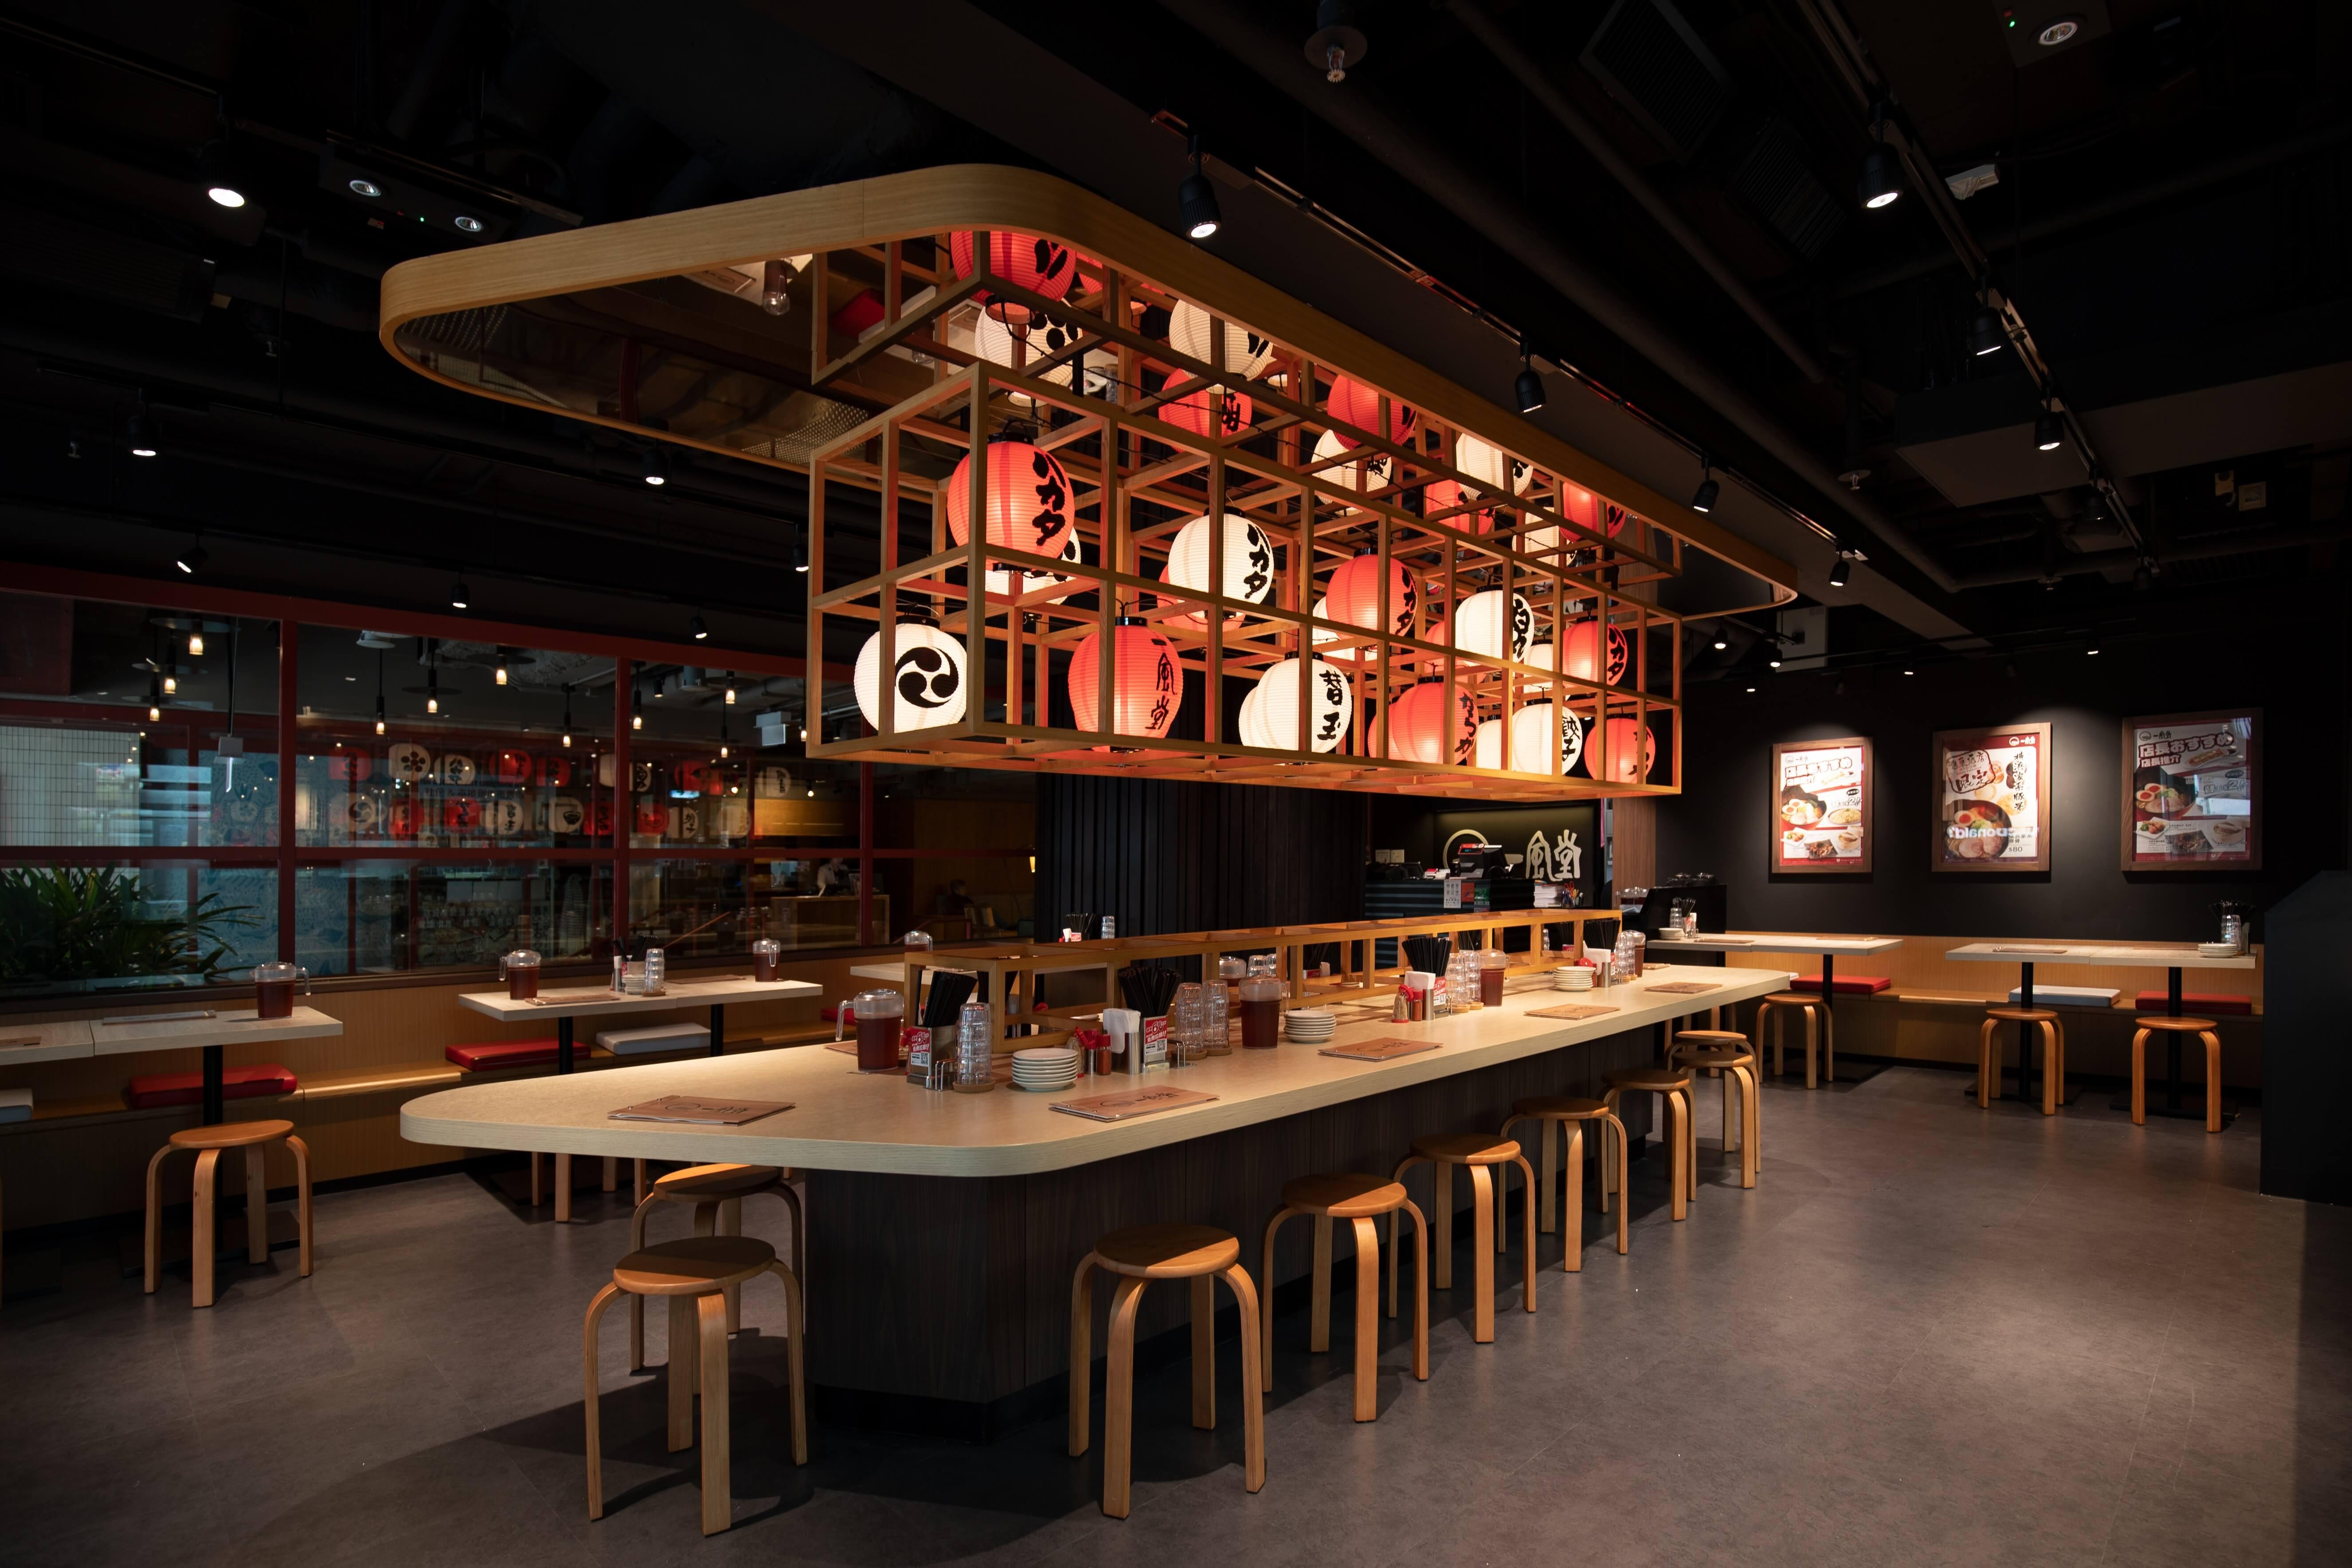 ippudo-hk-eaton-hotel%e5%ba%97-%e4%b8%80%e9%a2%a8%e5%a0%82-ippudo-%e9%a6%99%e6%b8%af-hong-kong-sub2